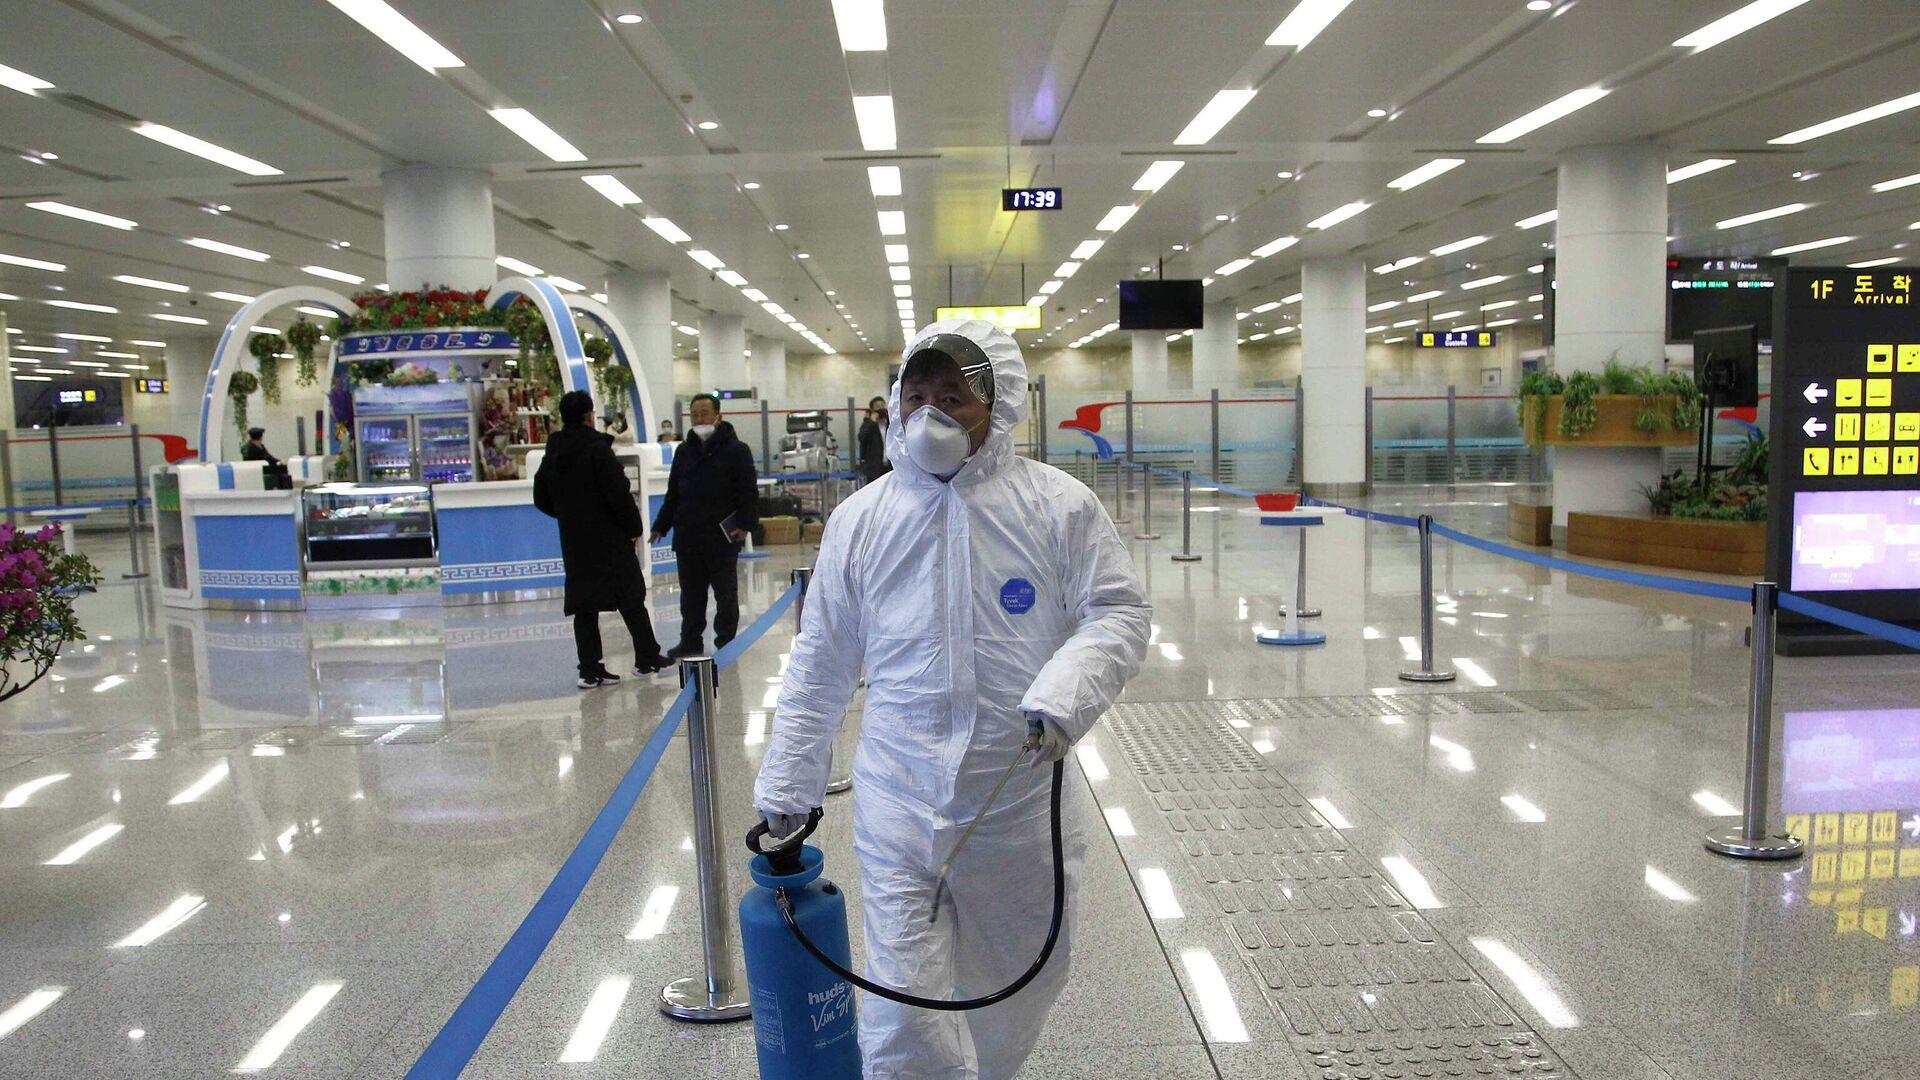 Un especialista durante las obras de desinfección en el aeropuerto de Pyongyang - Sputnik Mundo, 1920, 19.05.2021